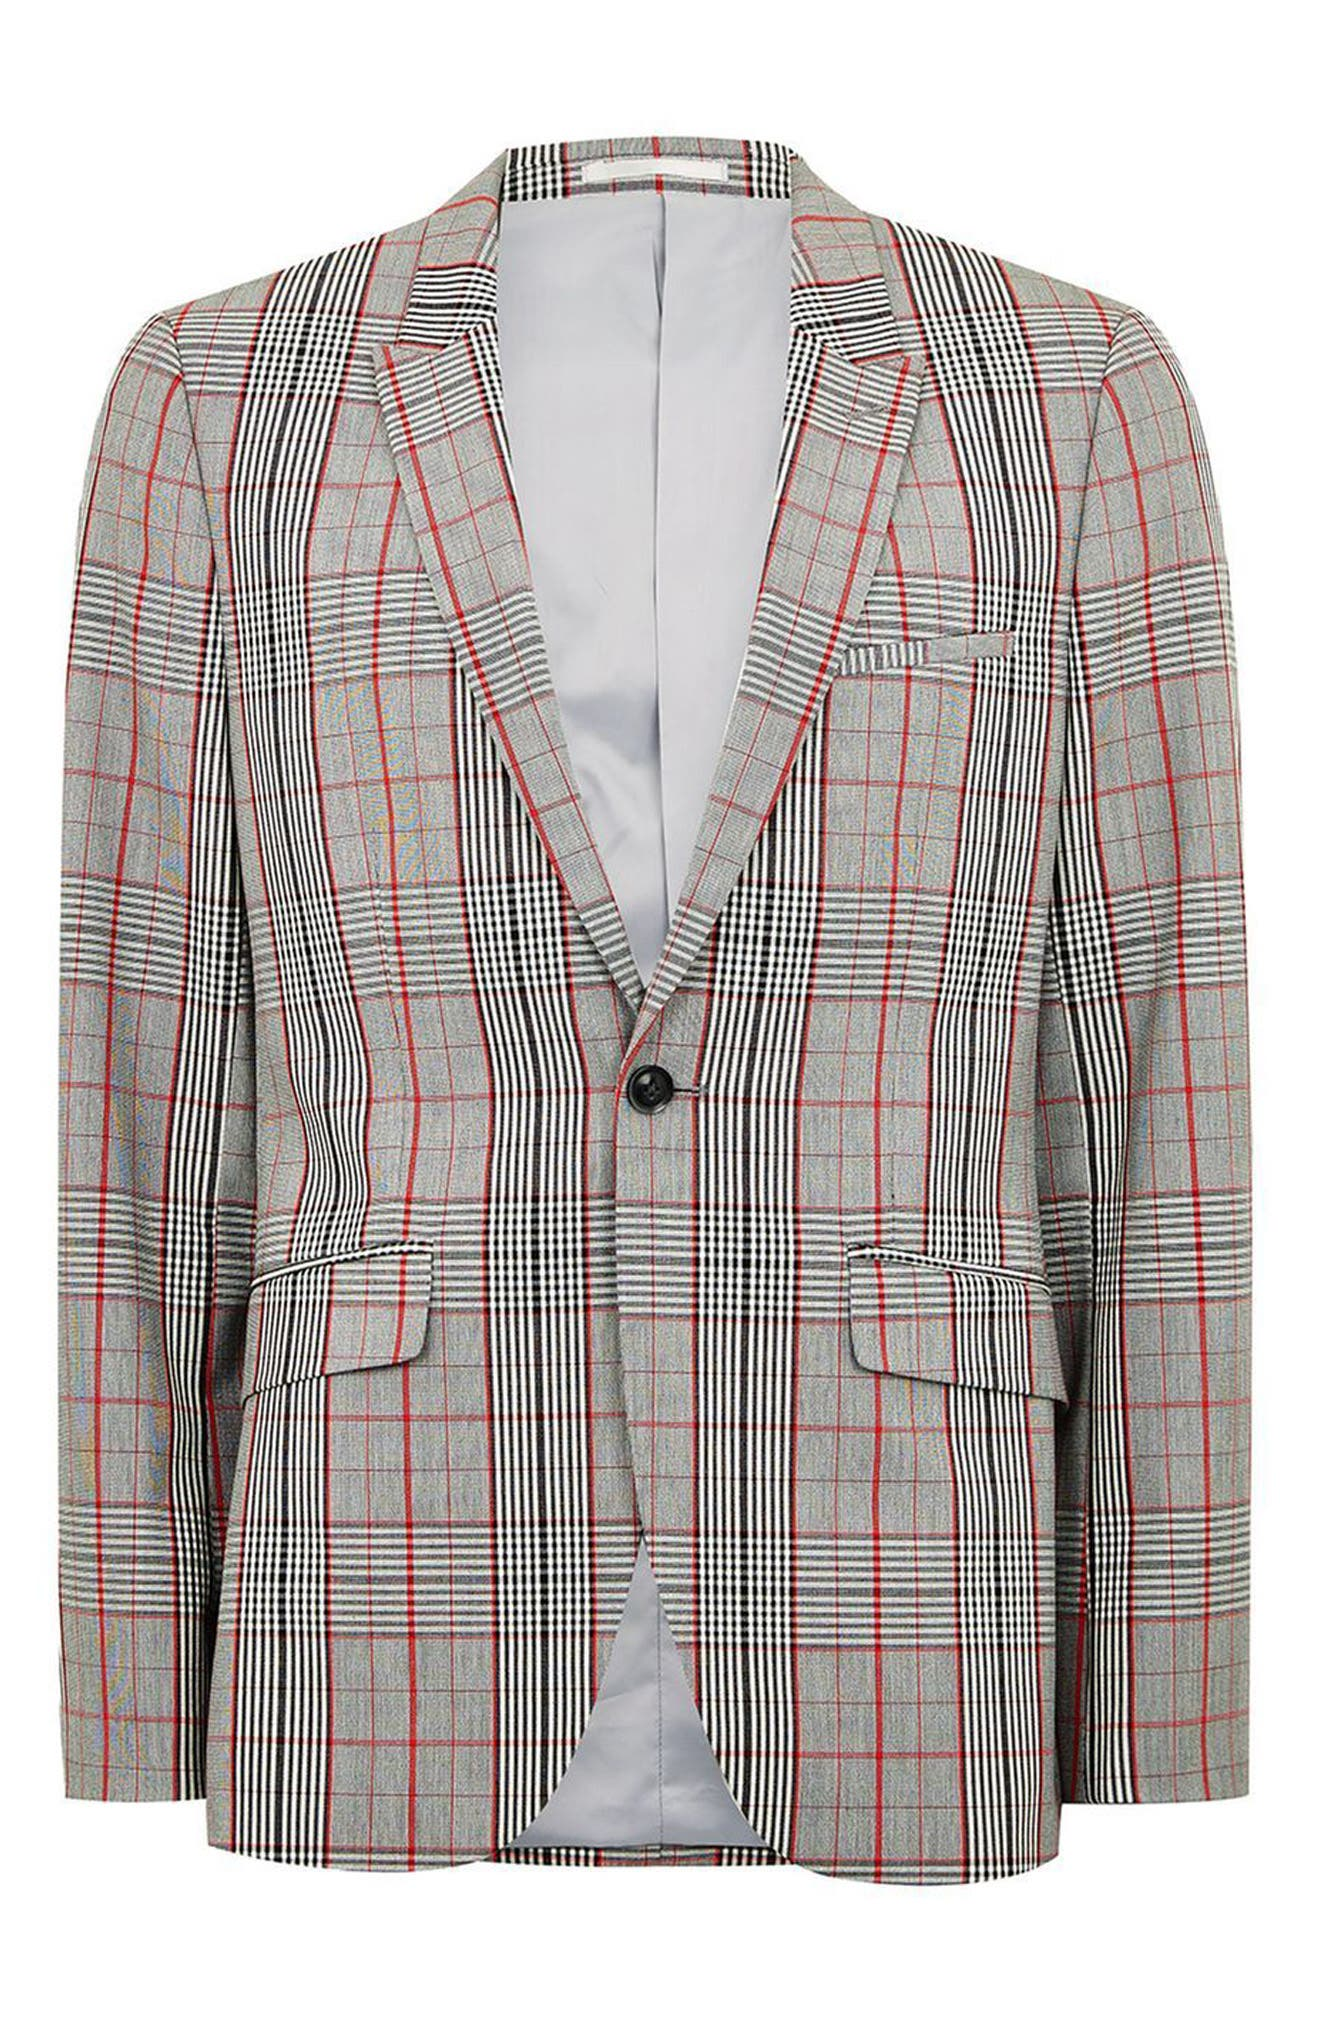 TOPMAN, Muscle Fit Check Suit Jacket, Alternate thumbnail 3, color, 020